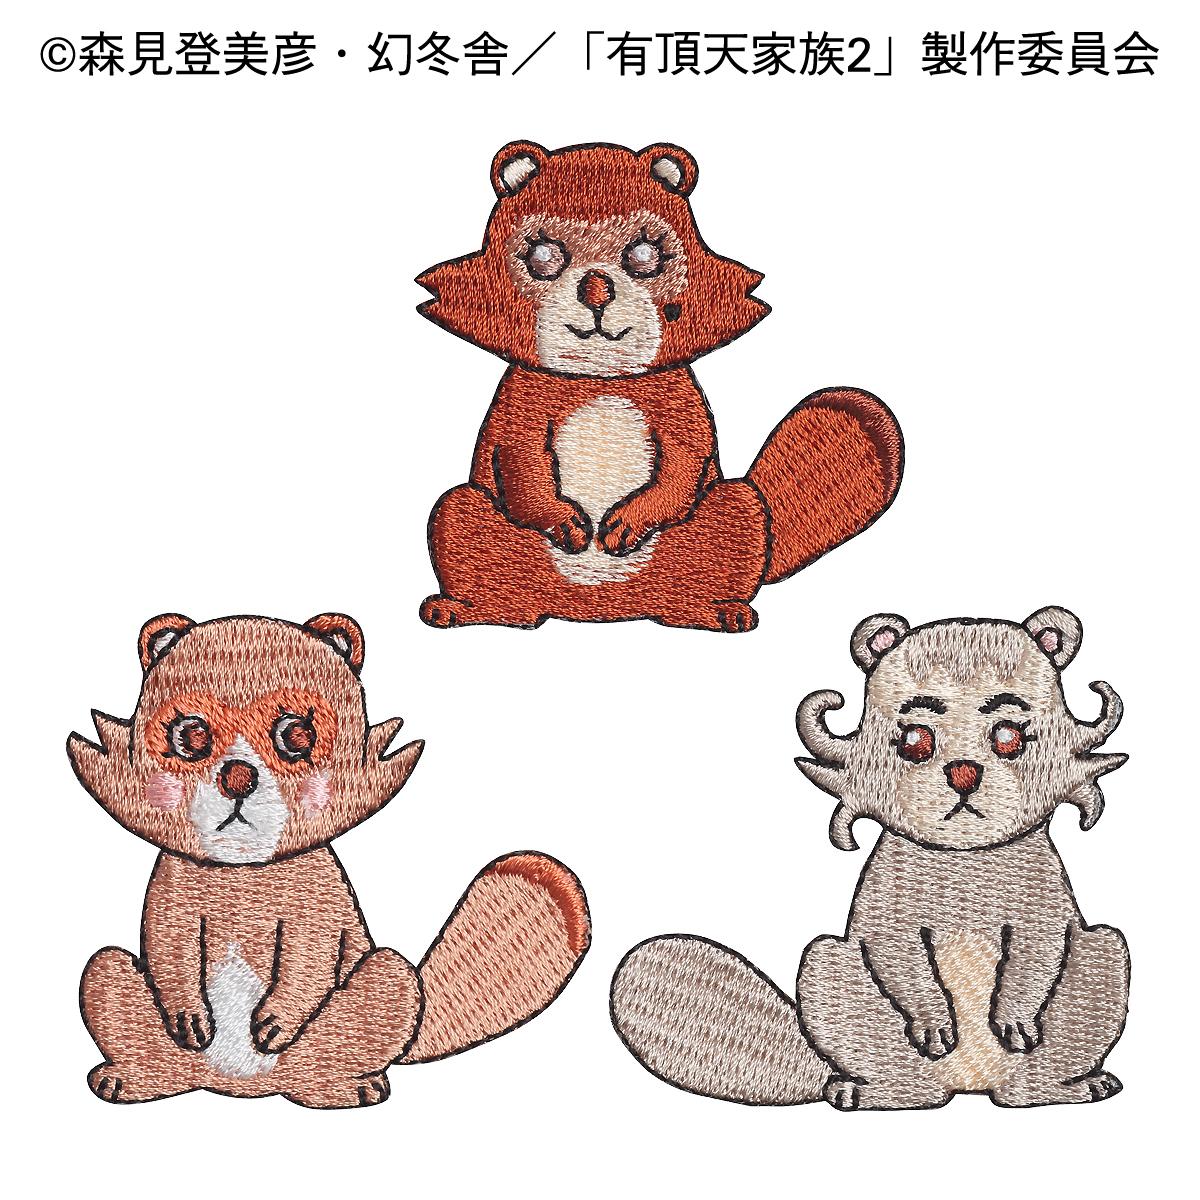 KUW-538/ワッペン/海星・桃仙・玉瀾/【ゆうパケット可】